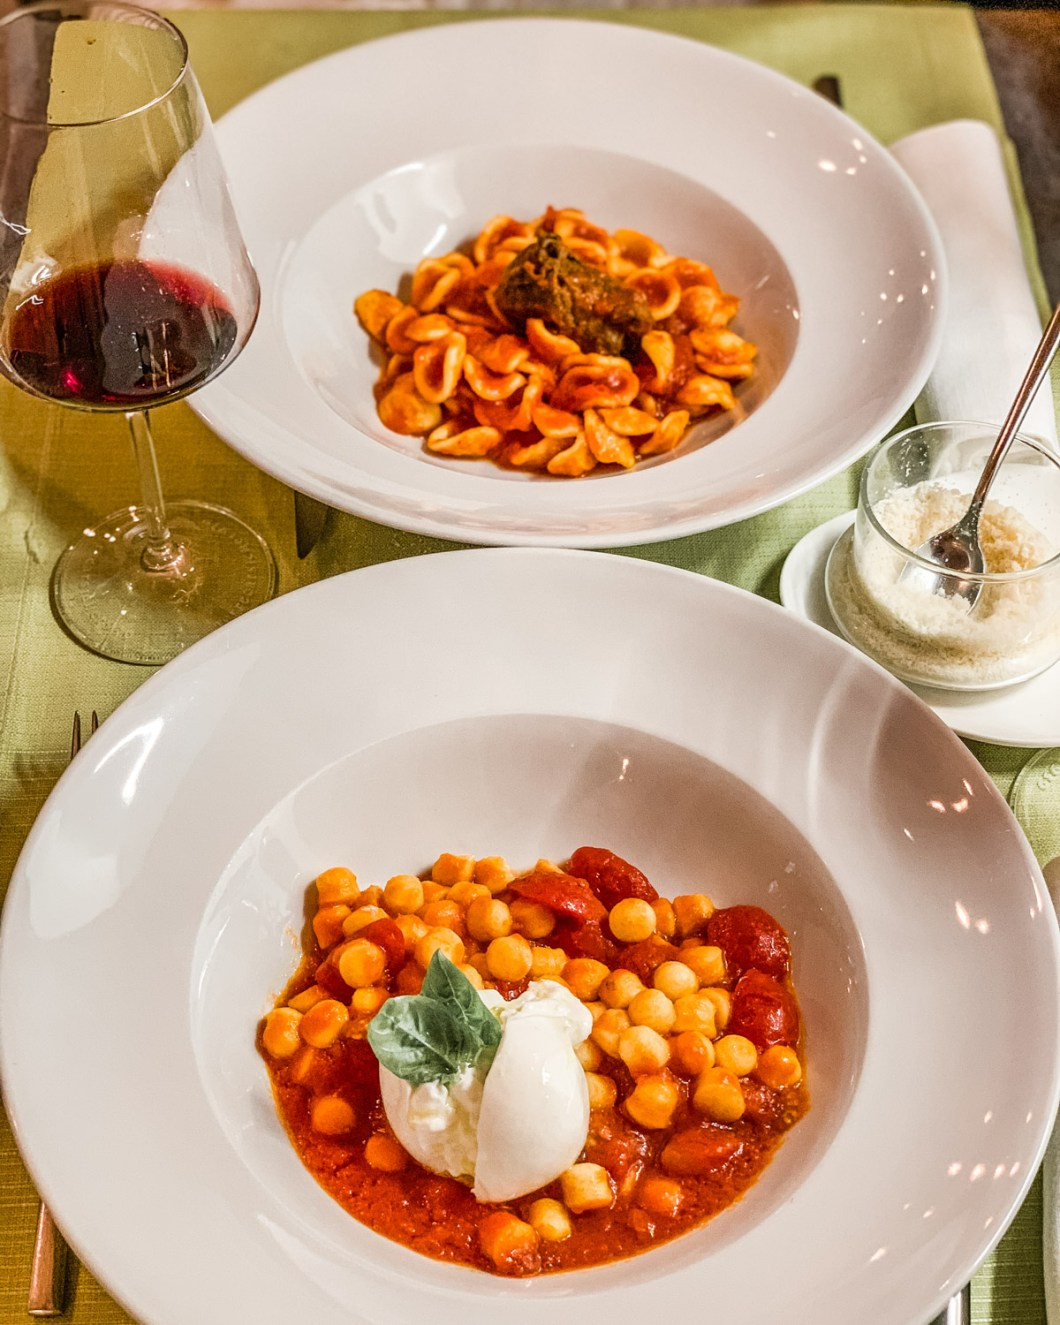 Pasta from the restaurant Le muse e il Mare - Polignano a Mare in Puglia